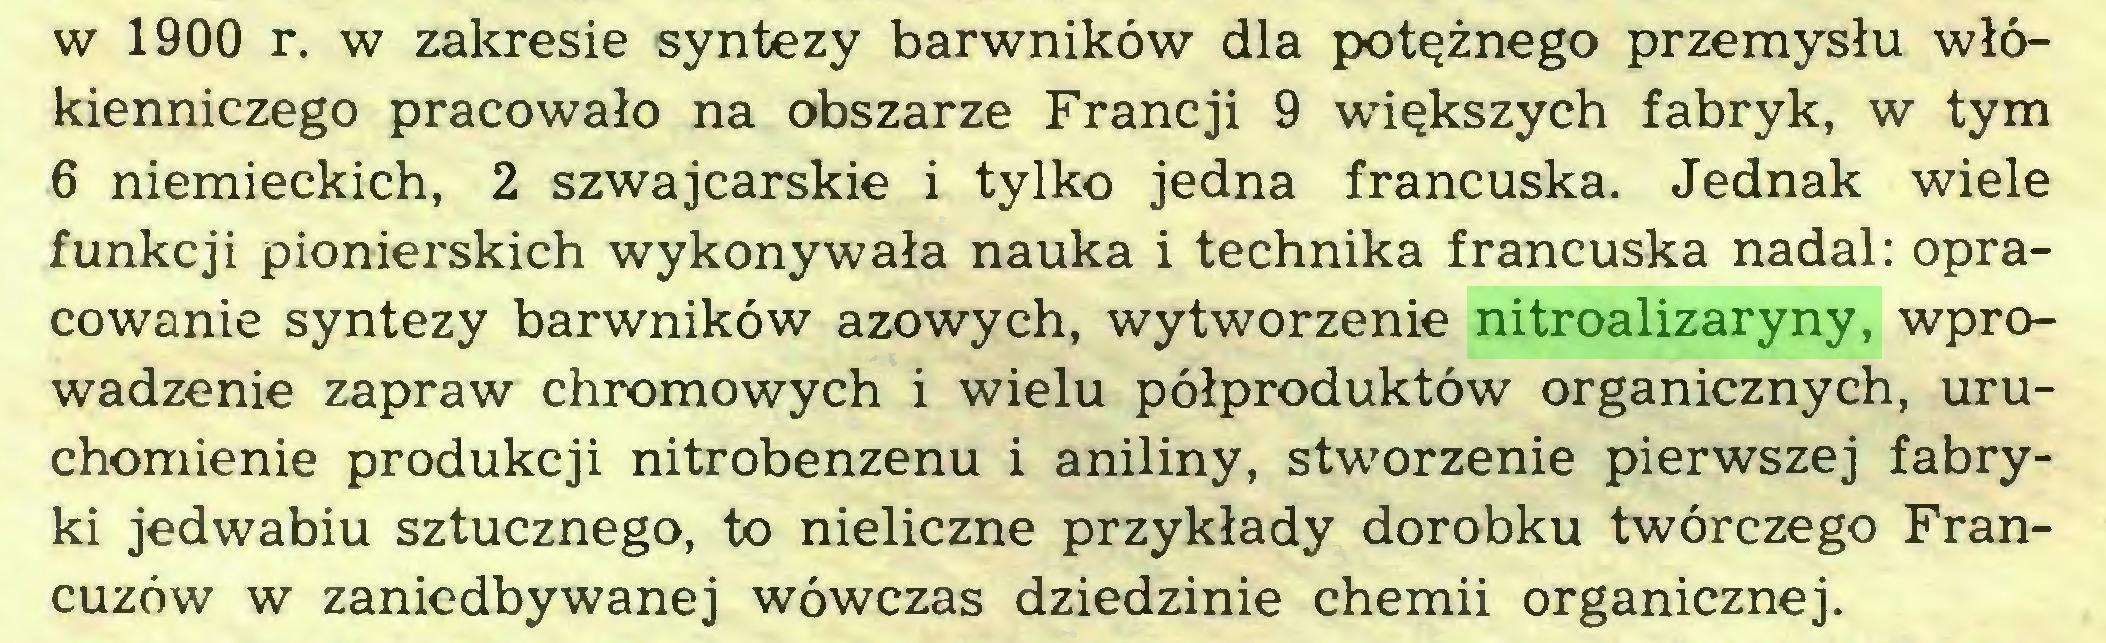 (...) w 1900 r. w zakresie syntezy barwników dla potężnego przemysłu włókienniczego pracowało na obszarze Francji 9 większych fabryk, w tym 6 niemieckich, 2 szwajcarskie i tylko jedna francuska. Jednak wiele funkcji pionierskich wykonywała nauka i technika francuska nadal: opracowanie syntezy barwników azowych, wytworzenie nitroalizaryny, wprowadzenie zapraw chromowych i wielu półproduktów organicznych, uruchomienie produkcji nitrobenzenu i aniliny, stworzenie pierwszej fabryki jedwabiu sztucznego, to nieliczne przykłady dorobku twórczego Francuzów w zaniedbywanej wówczas dziedzinie chemii organicznej...